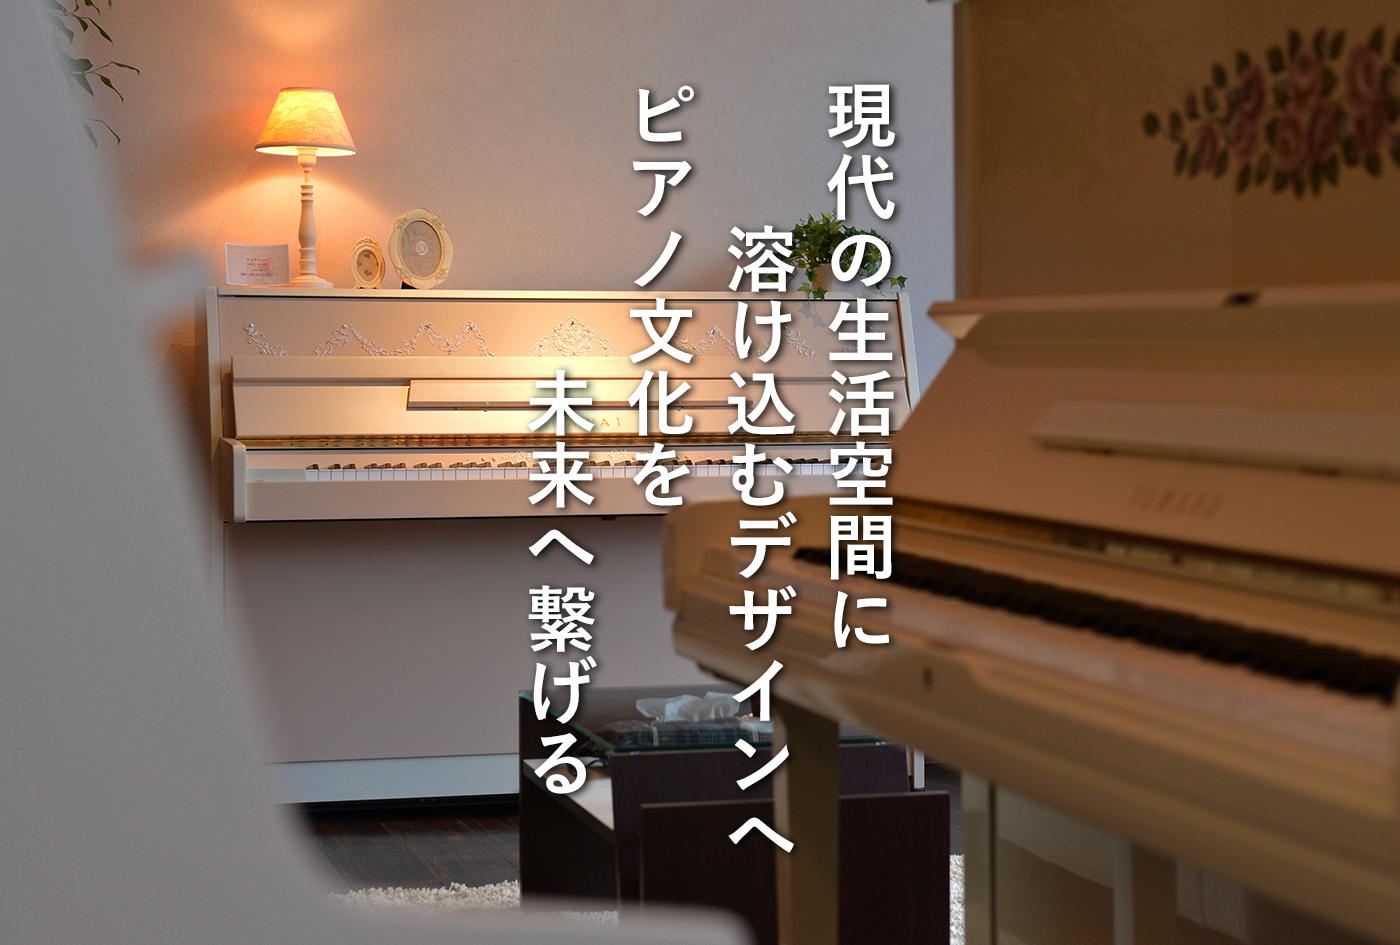 現代の生活空間に溶け込むデザインへ ピアノ文化を未来へ繋げる